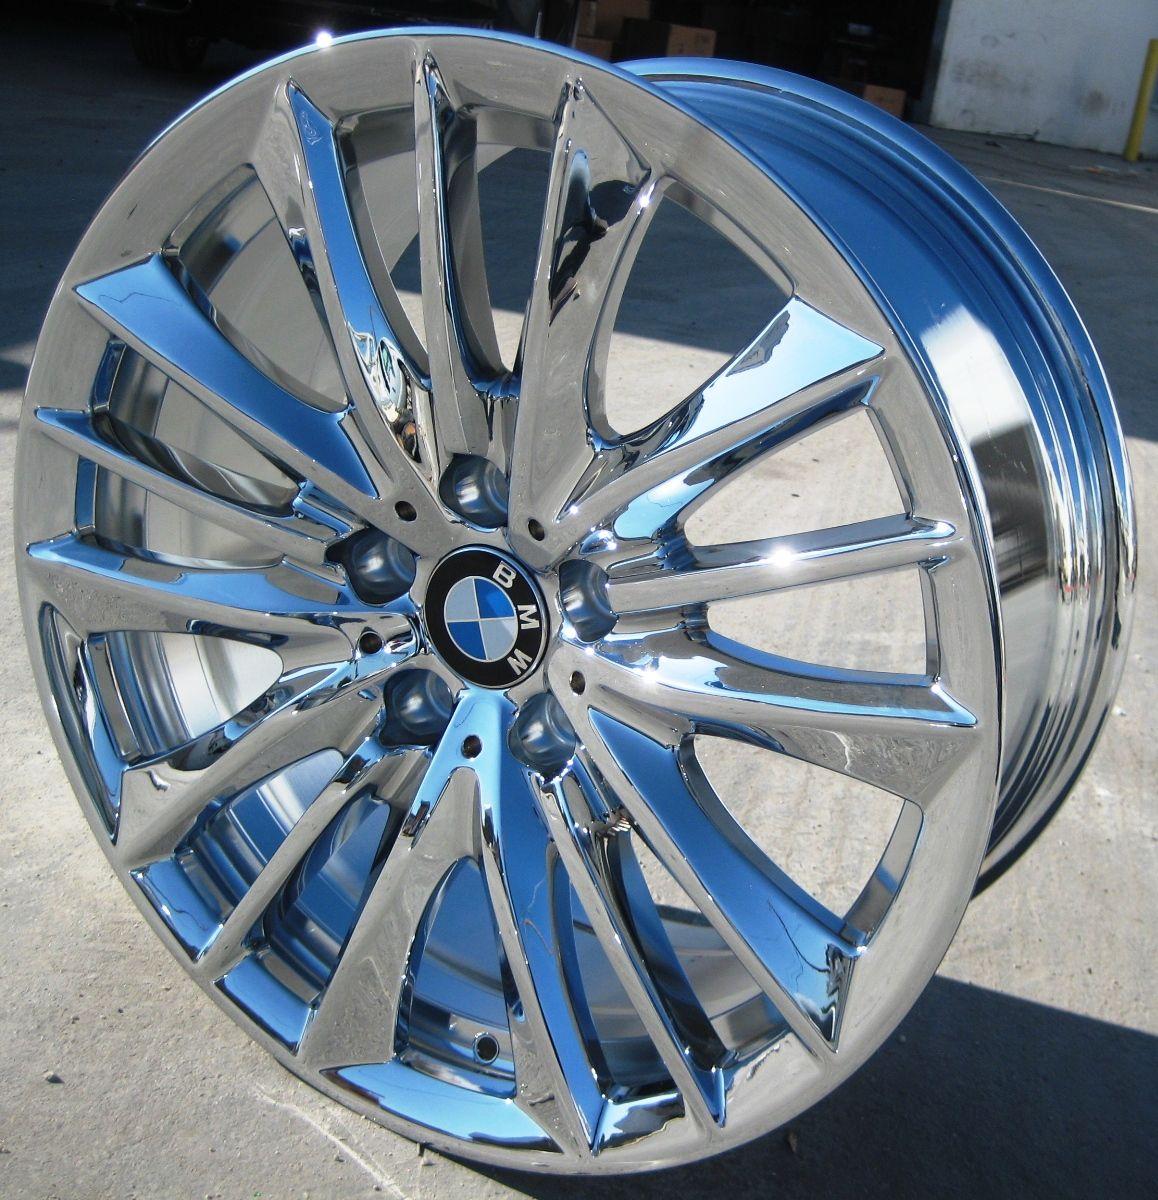 FACTORY BMW 550xi 528i 535i 550i OEM CHROME WHEELS RIMS STYLE # 332